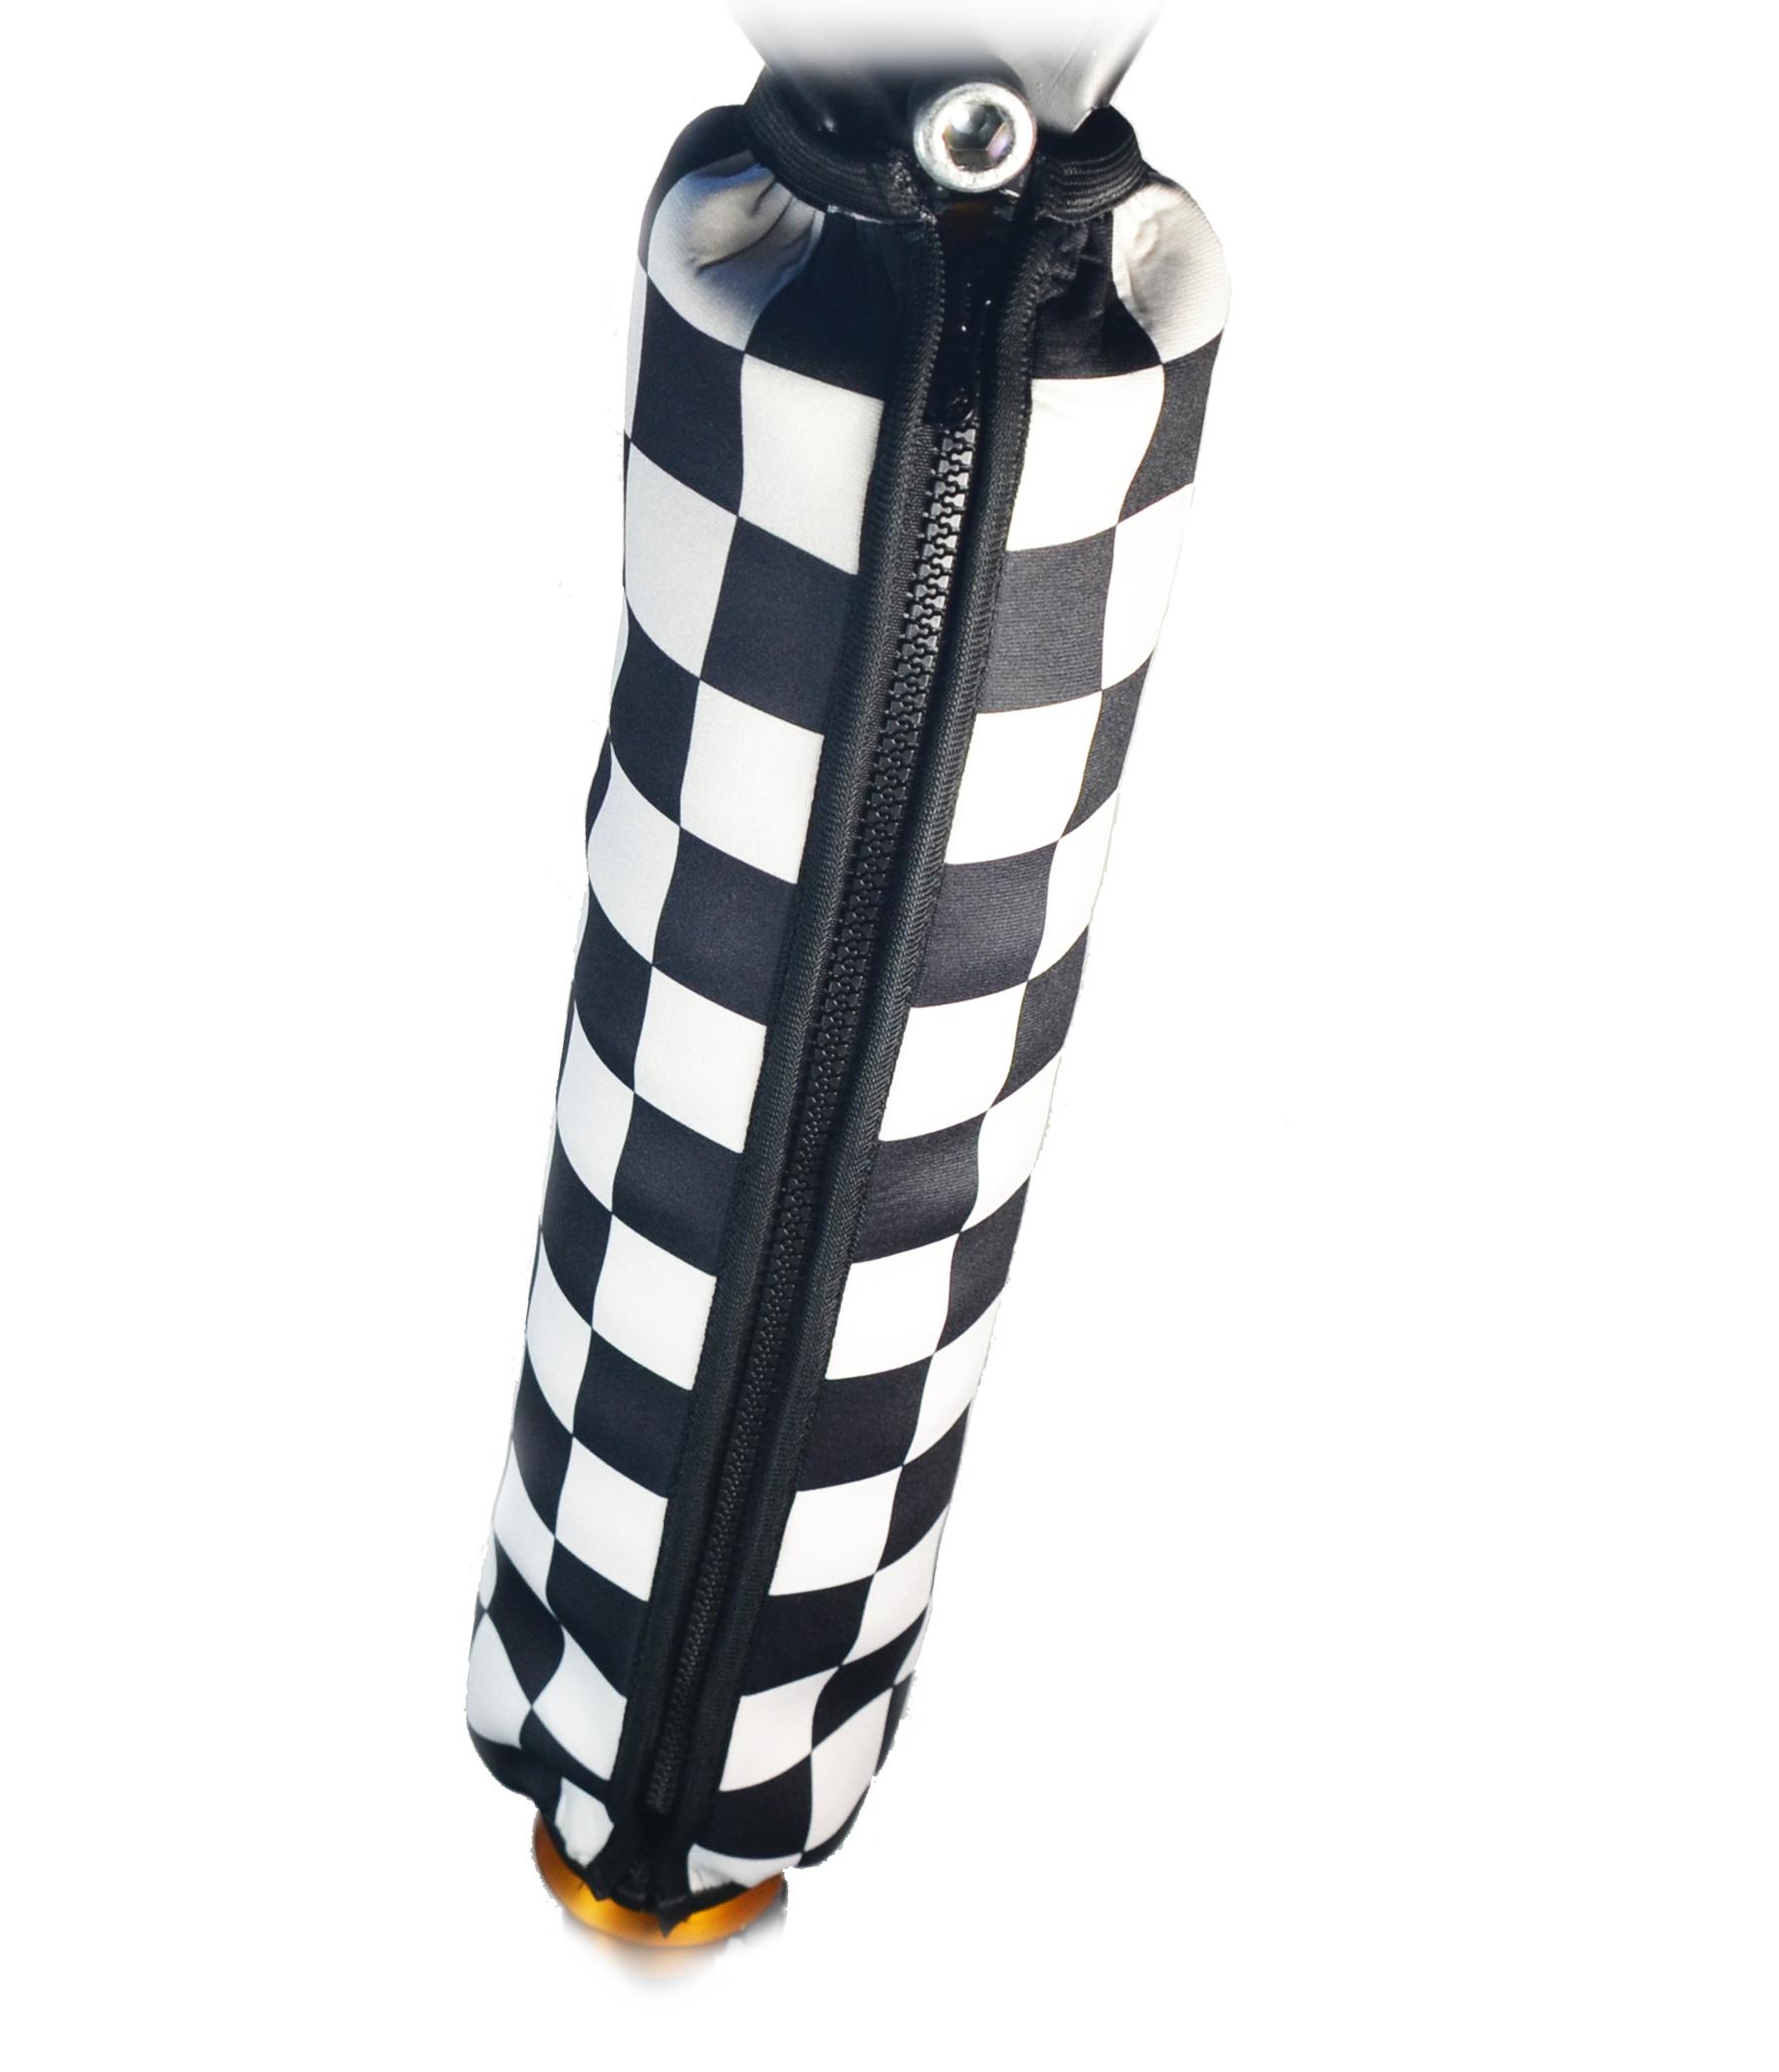 Fundas para amortiguadores Kart Cross Racing flag